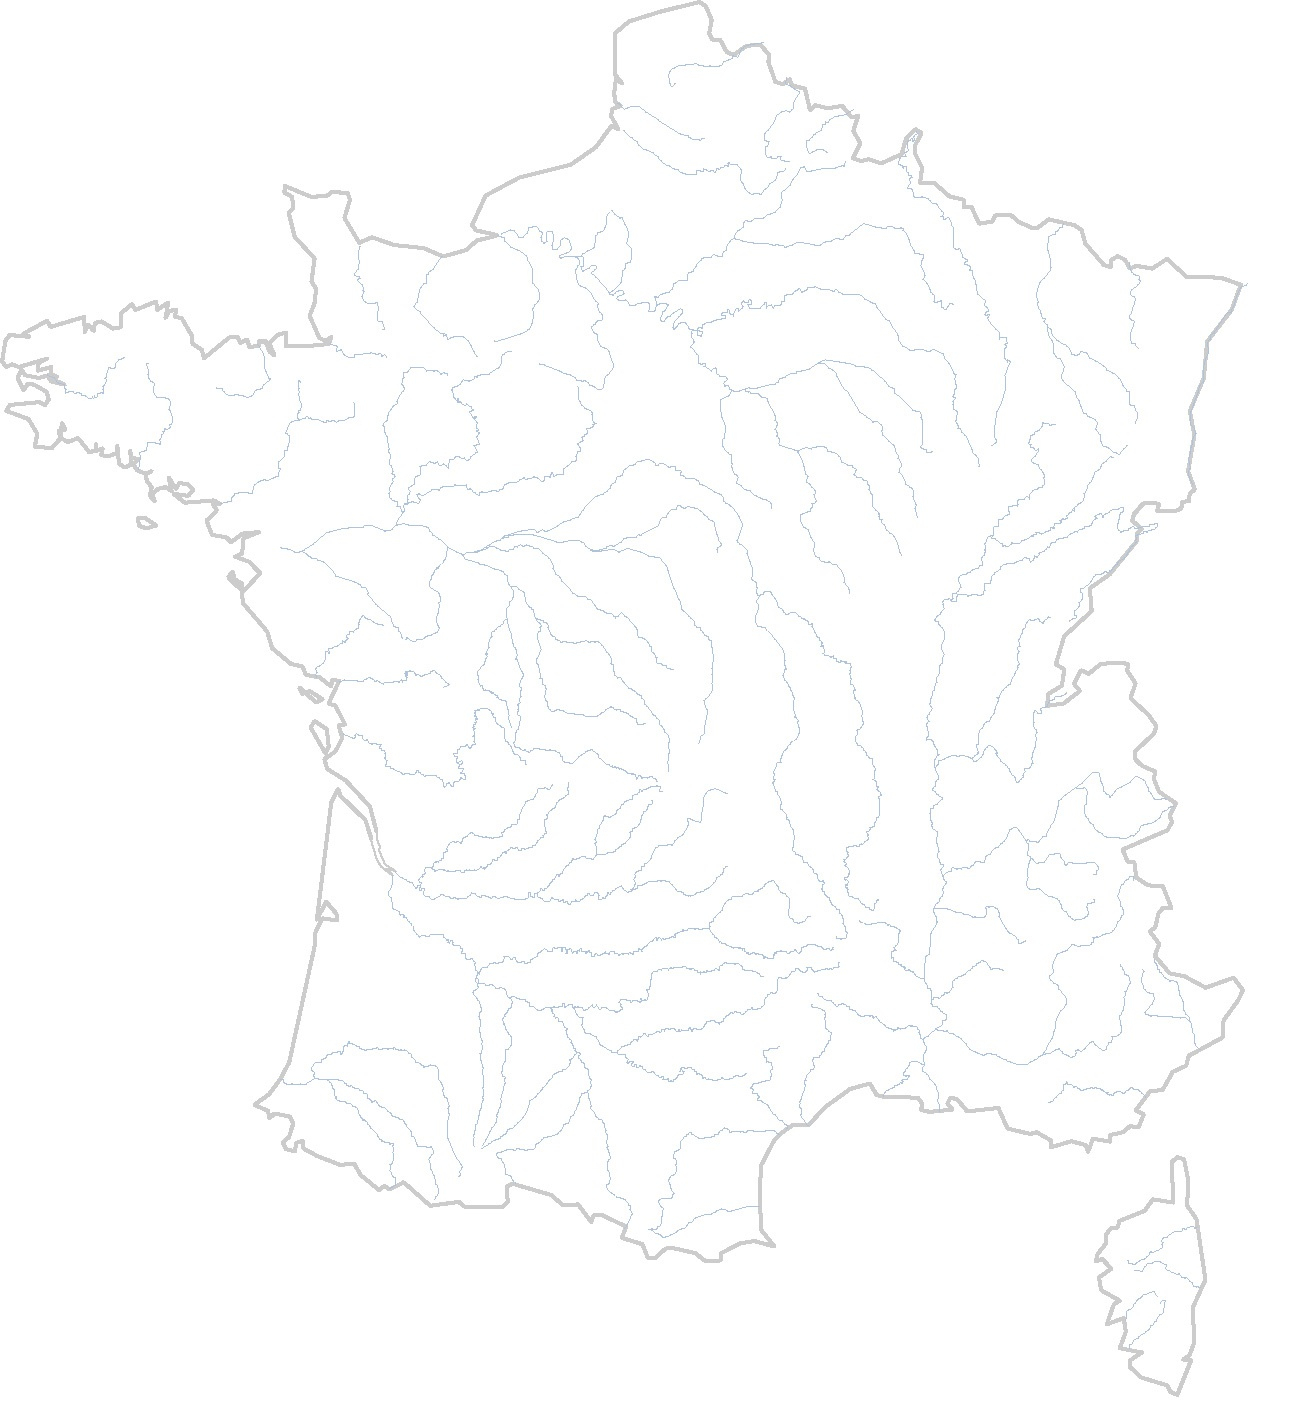 Cartes Muettes De La France À Imprimer - Chroniques intérieur Carte De France Avec Département À Imprimer